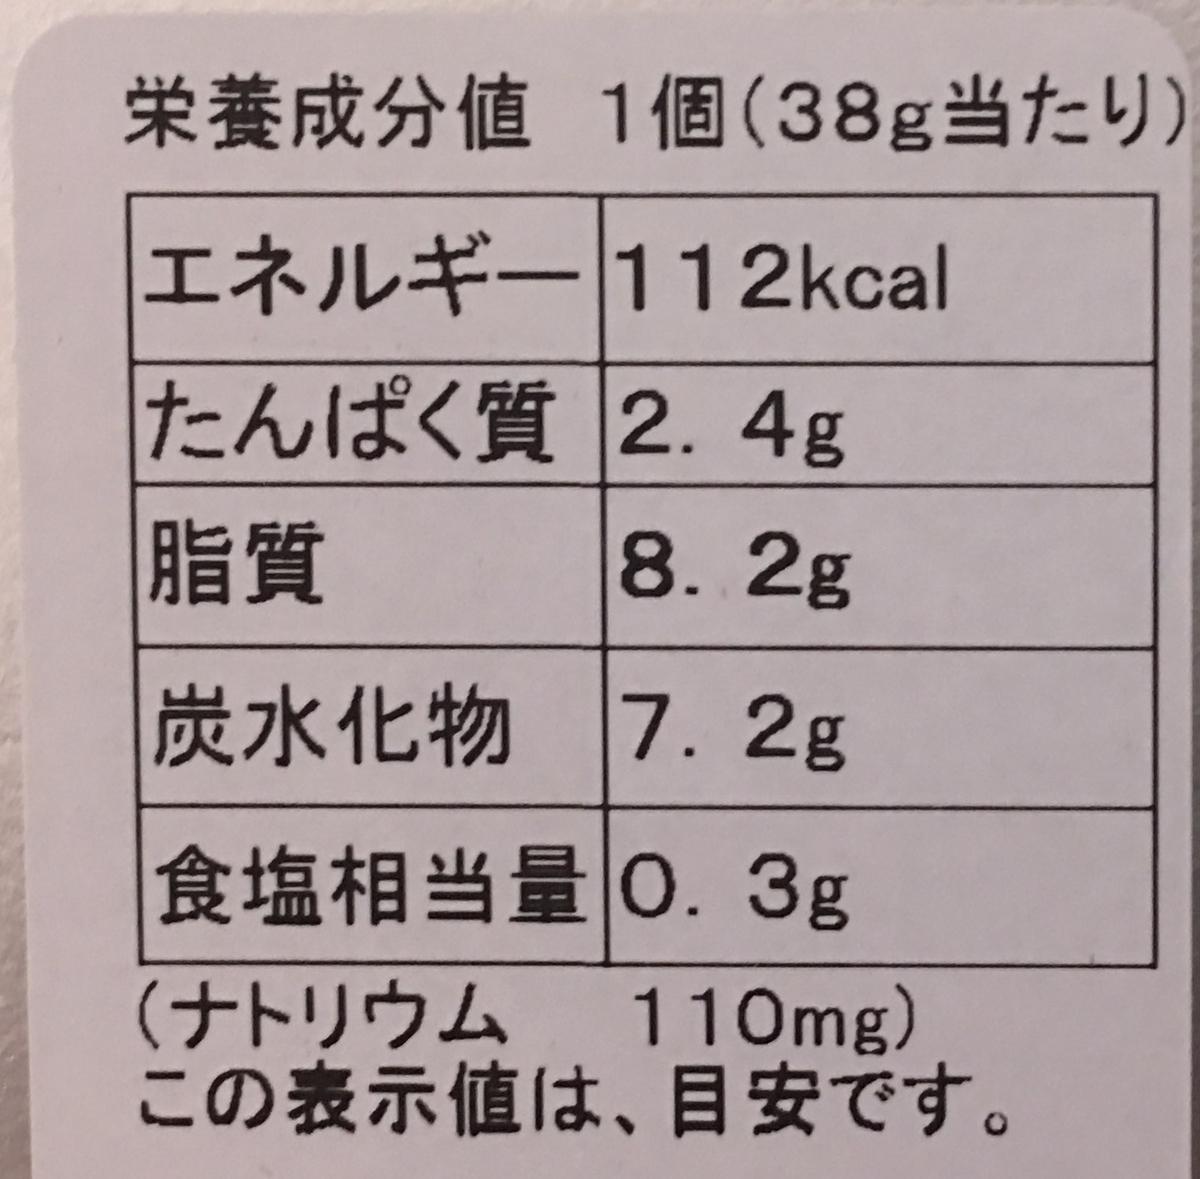 f:id:YOSHIO1010:20190812003826j:plain